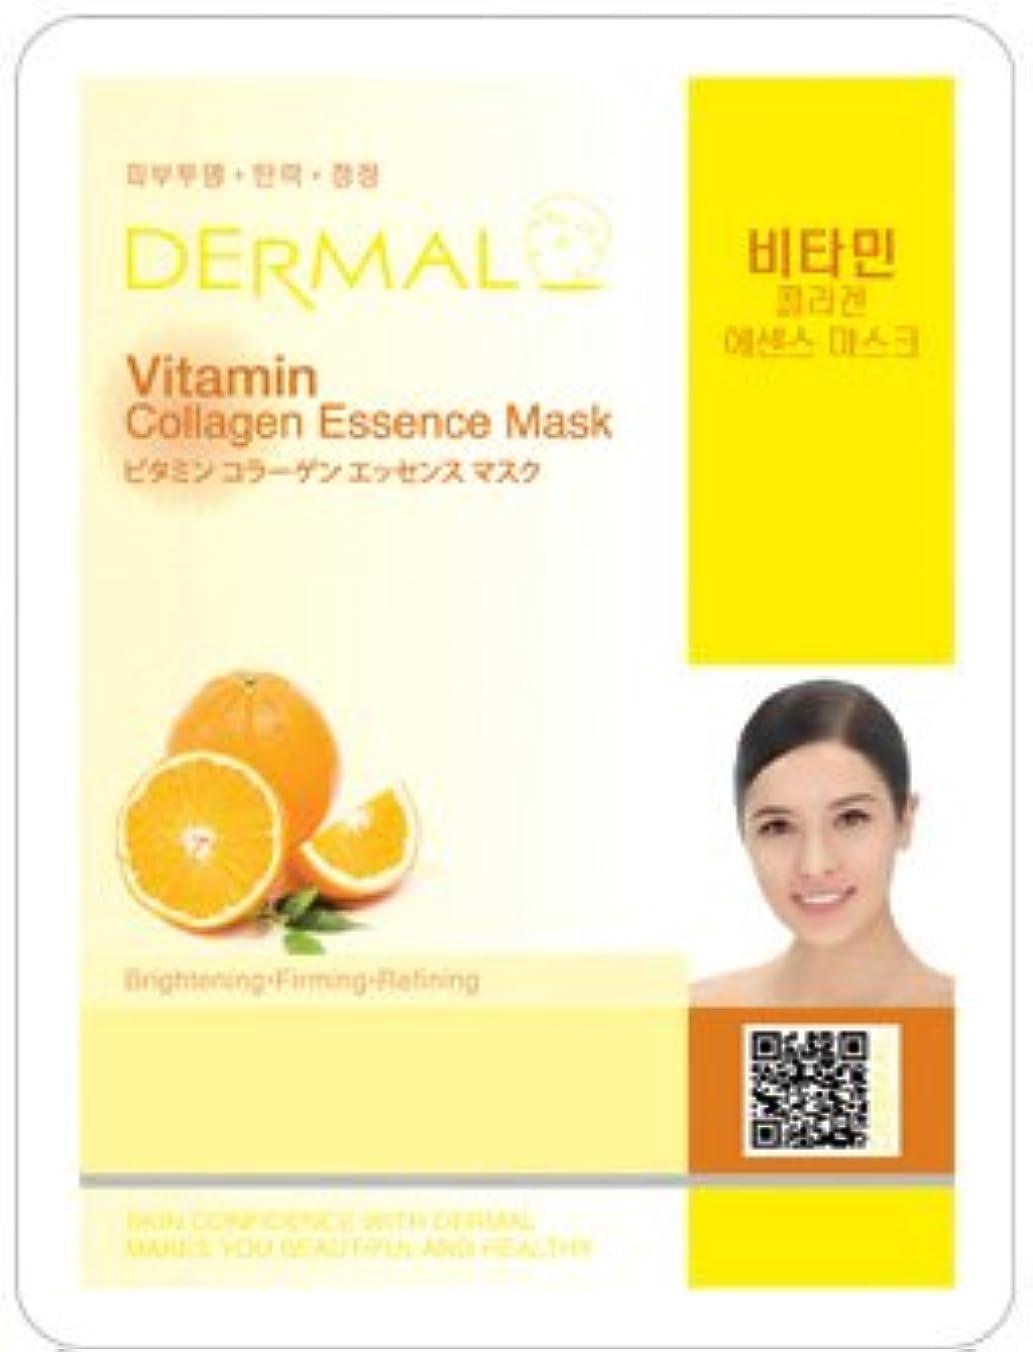 関係マイナス険しいシートマスク ビタミン 10枚セット ダーマル(Dermal) フェイス パック